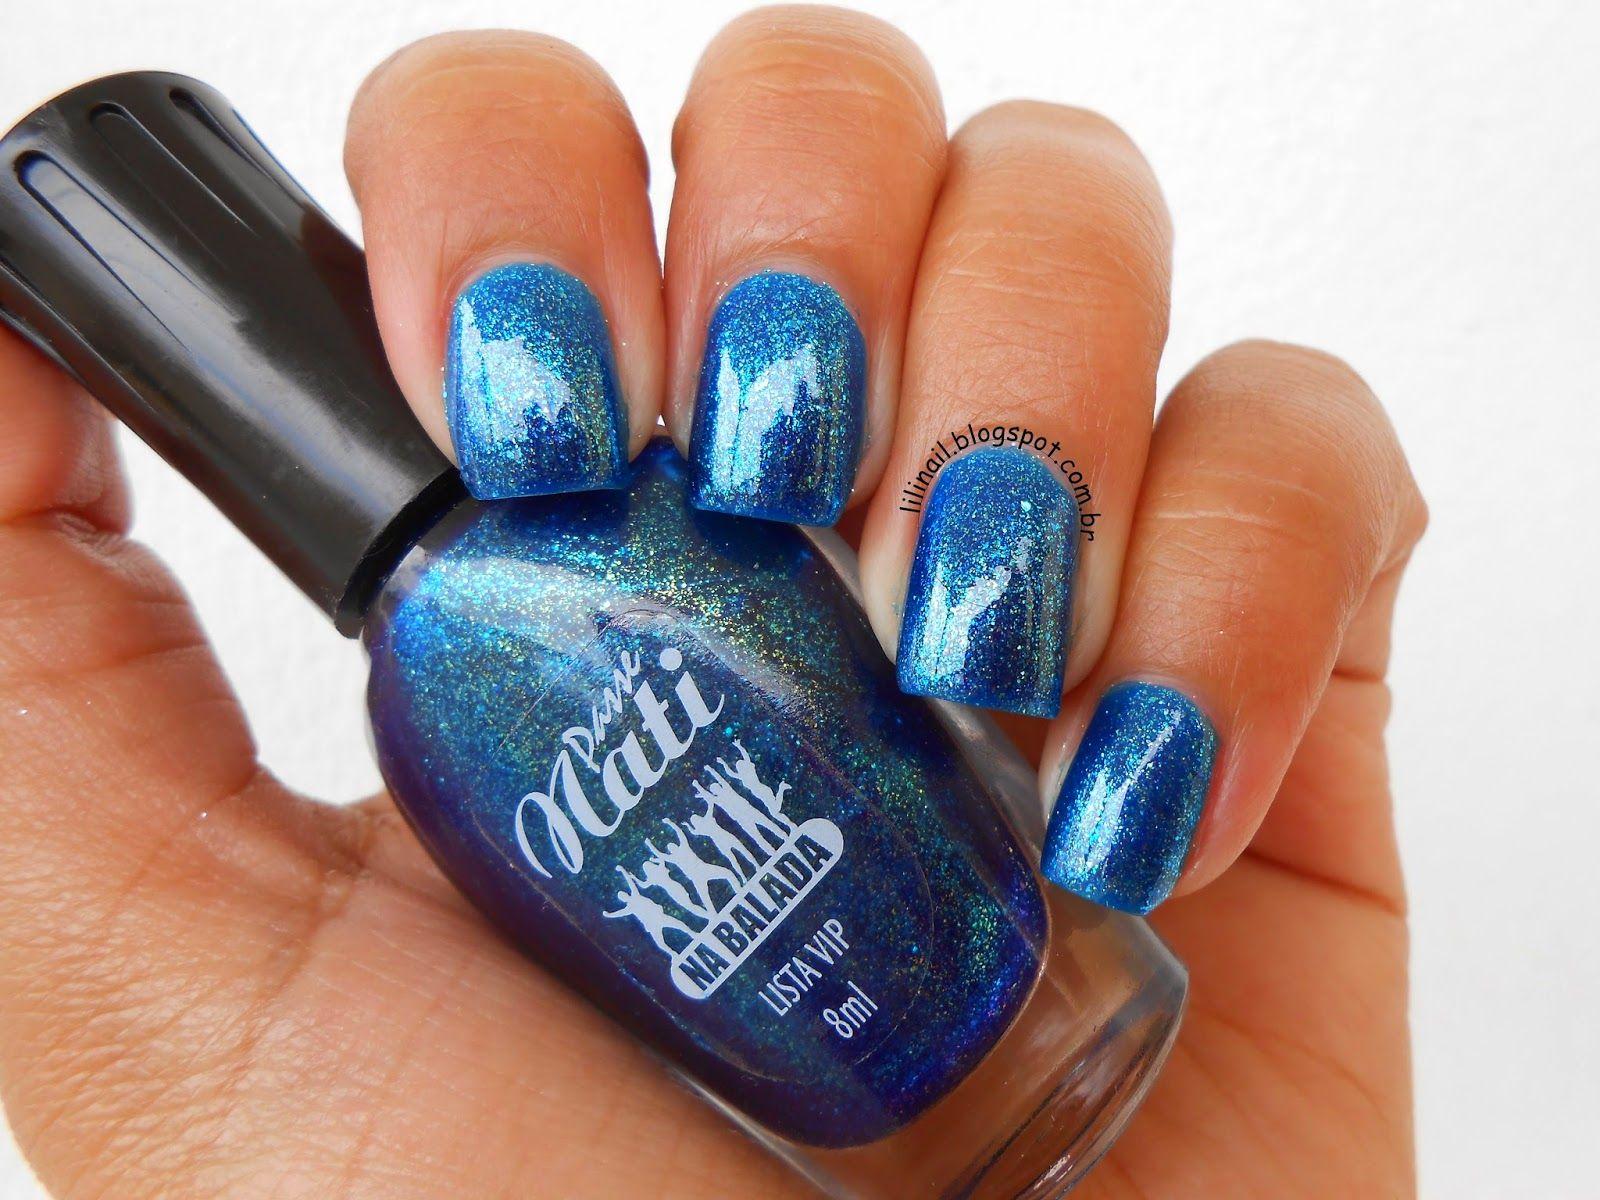 Lily's Nail: Lista Vip - Passe Nati